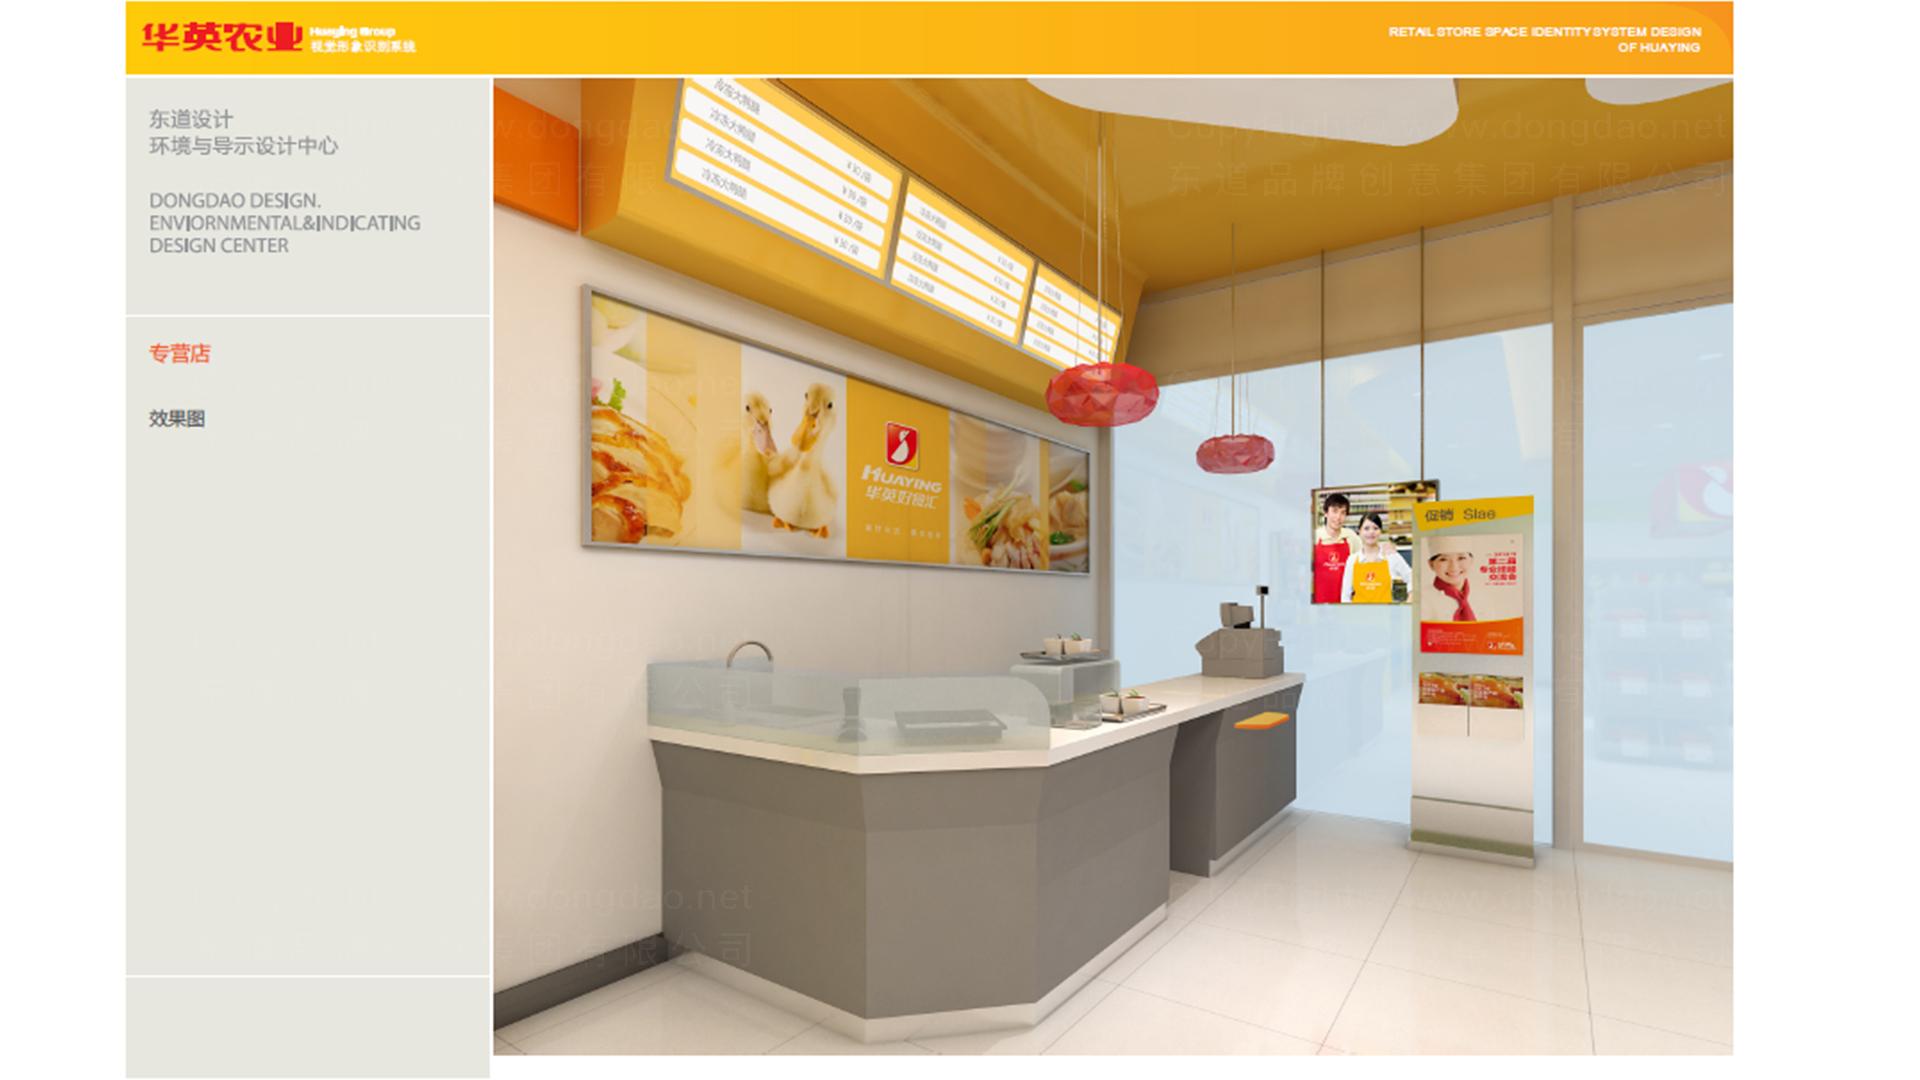 快速消费商业空间&导示华英农业SI设计